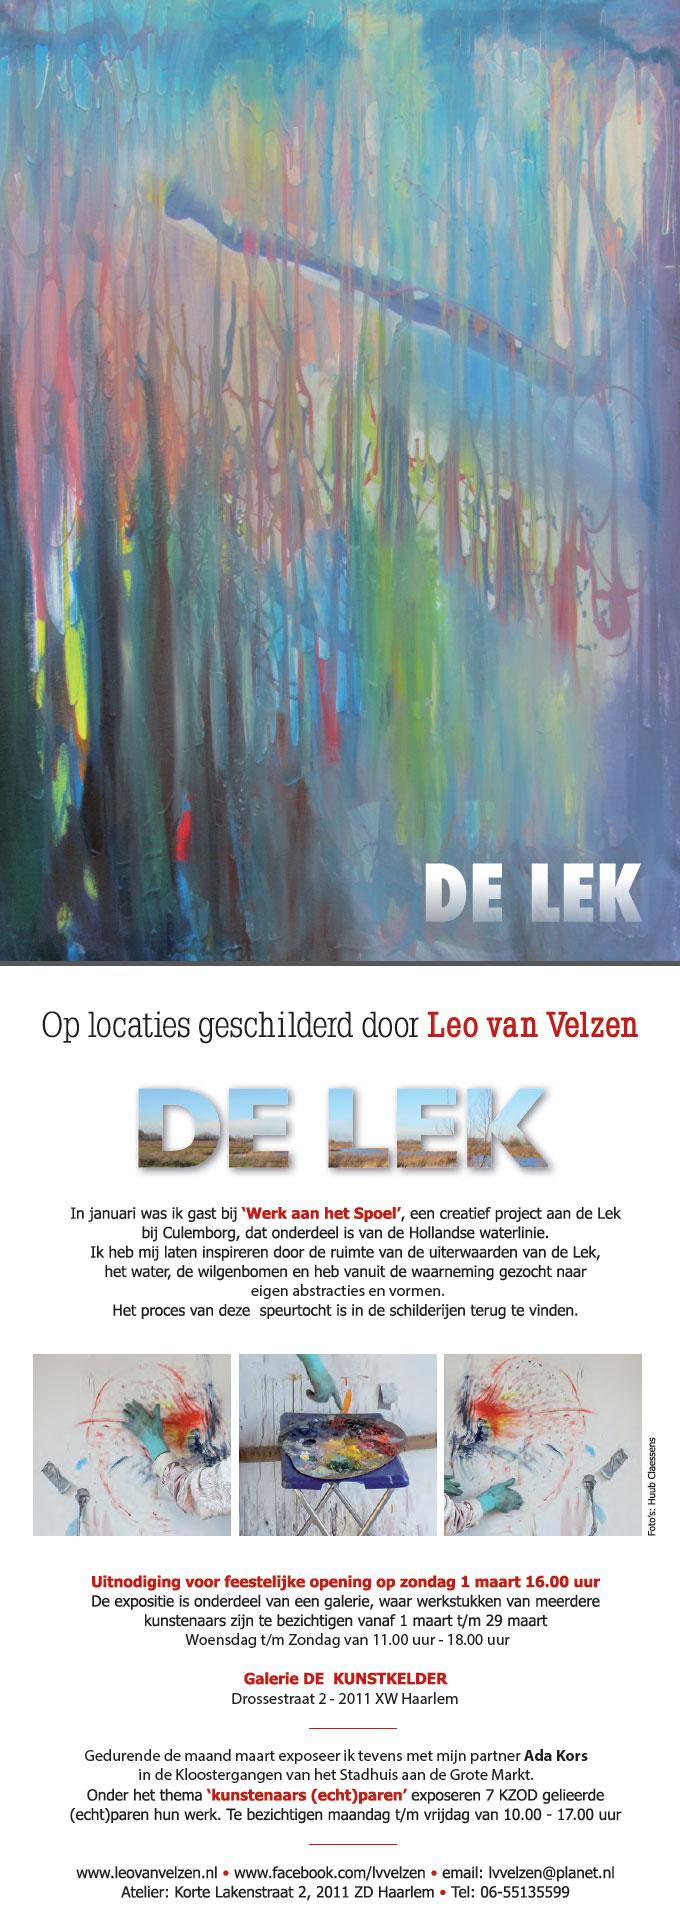 Leo van Velzen | Op locatie geschilderd | De Lek